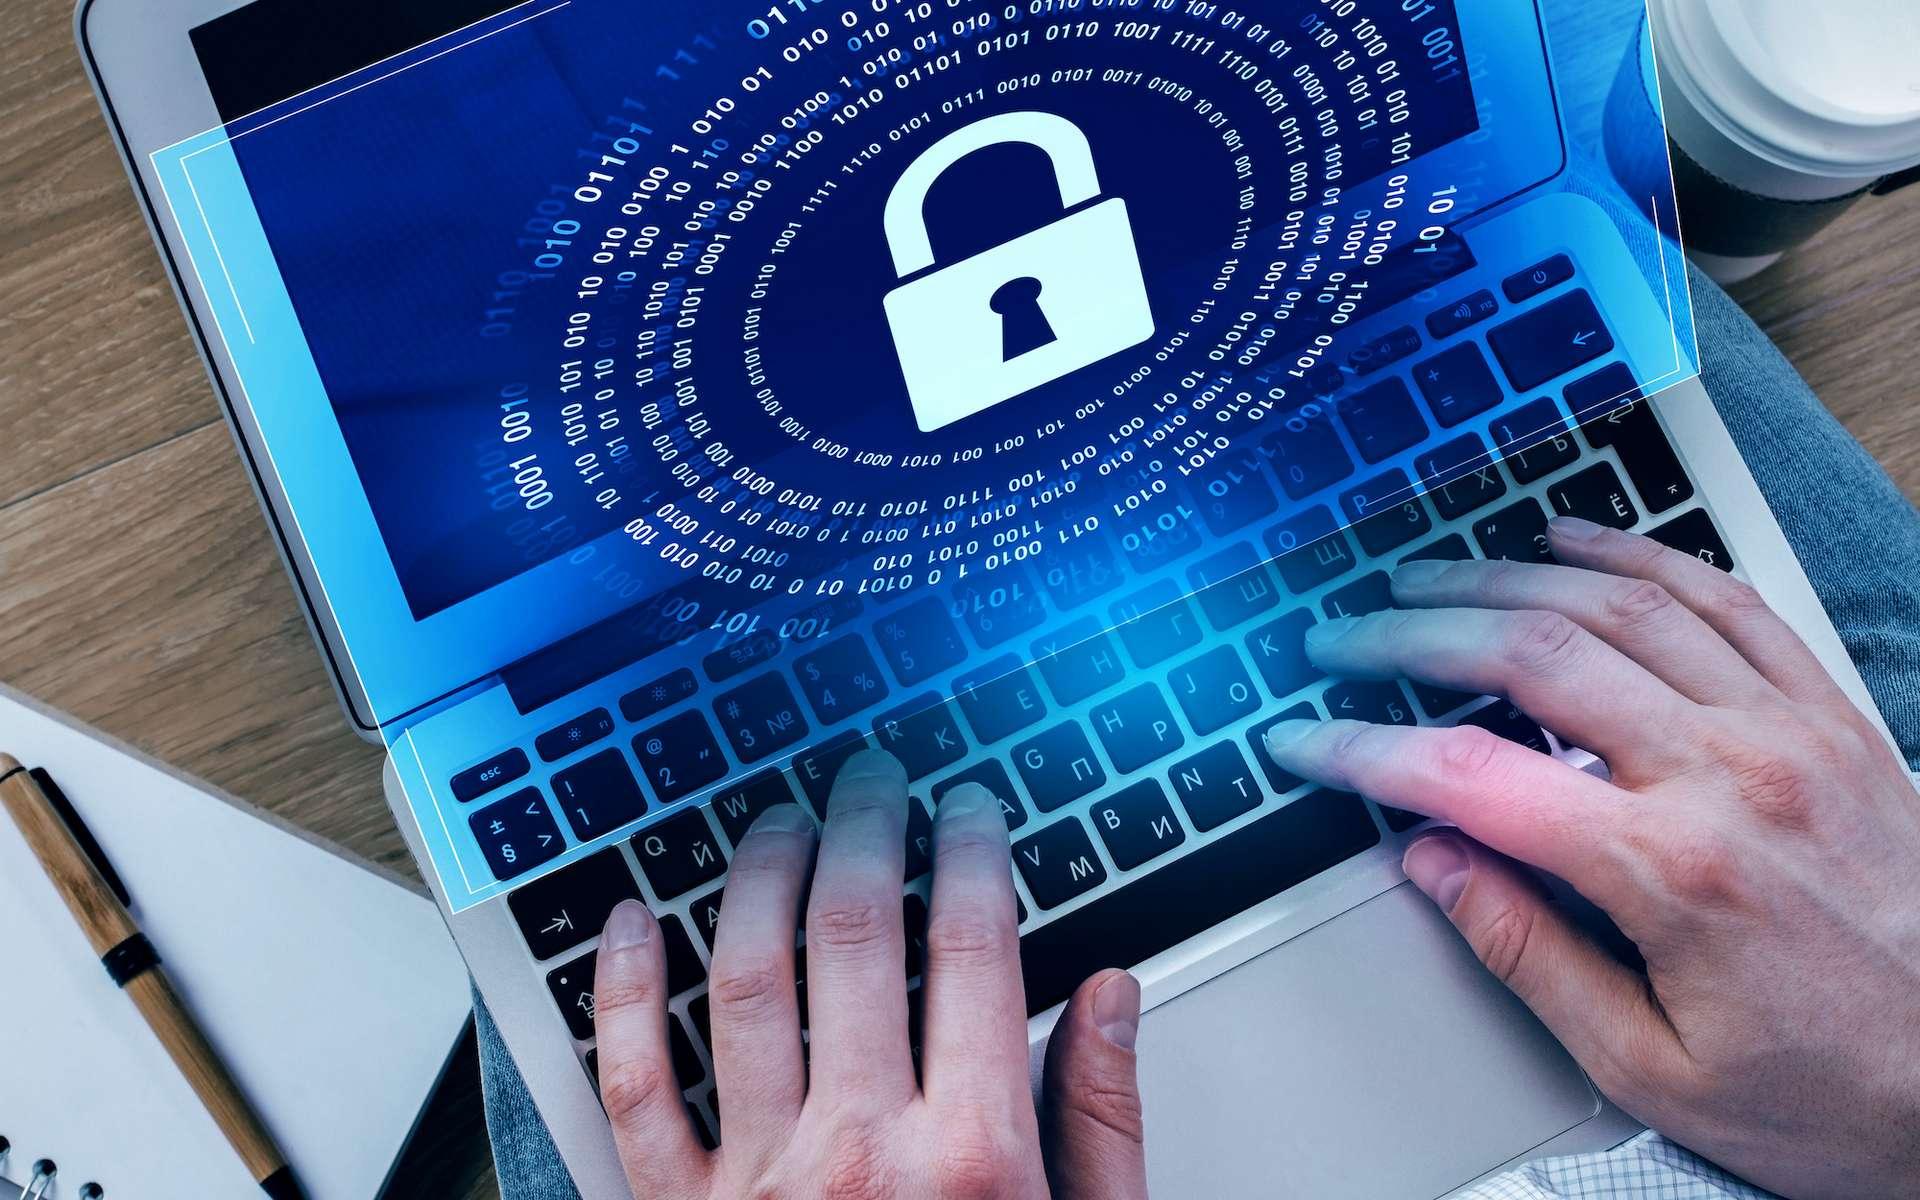 Le télétravail accroît le risque de cyberattaques pouvant porter atteinte à la sécurité des données d'une entreprise. © peshkova, Adobe Stock